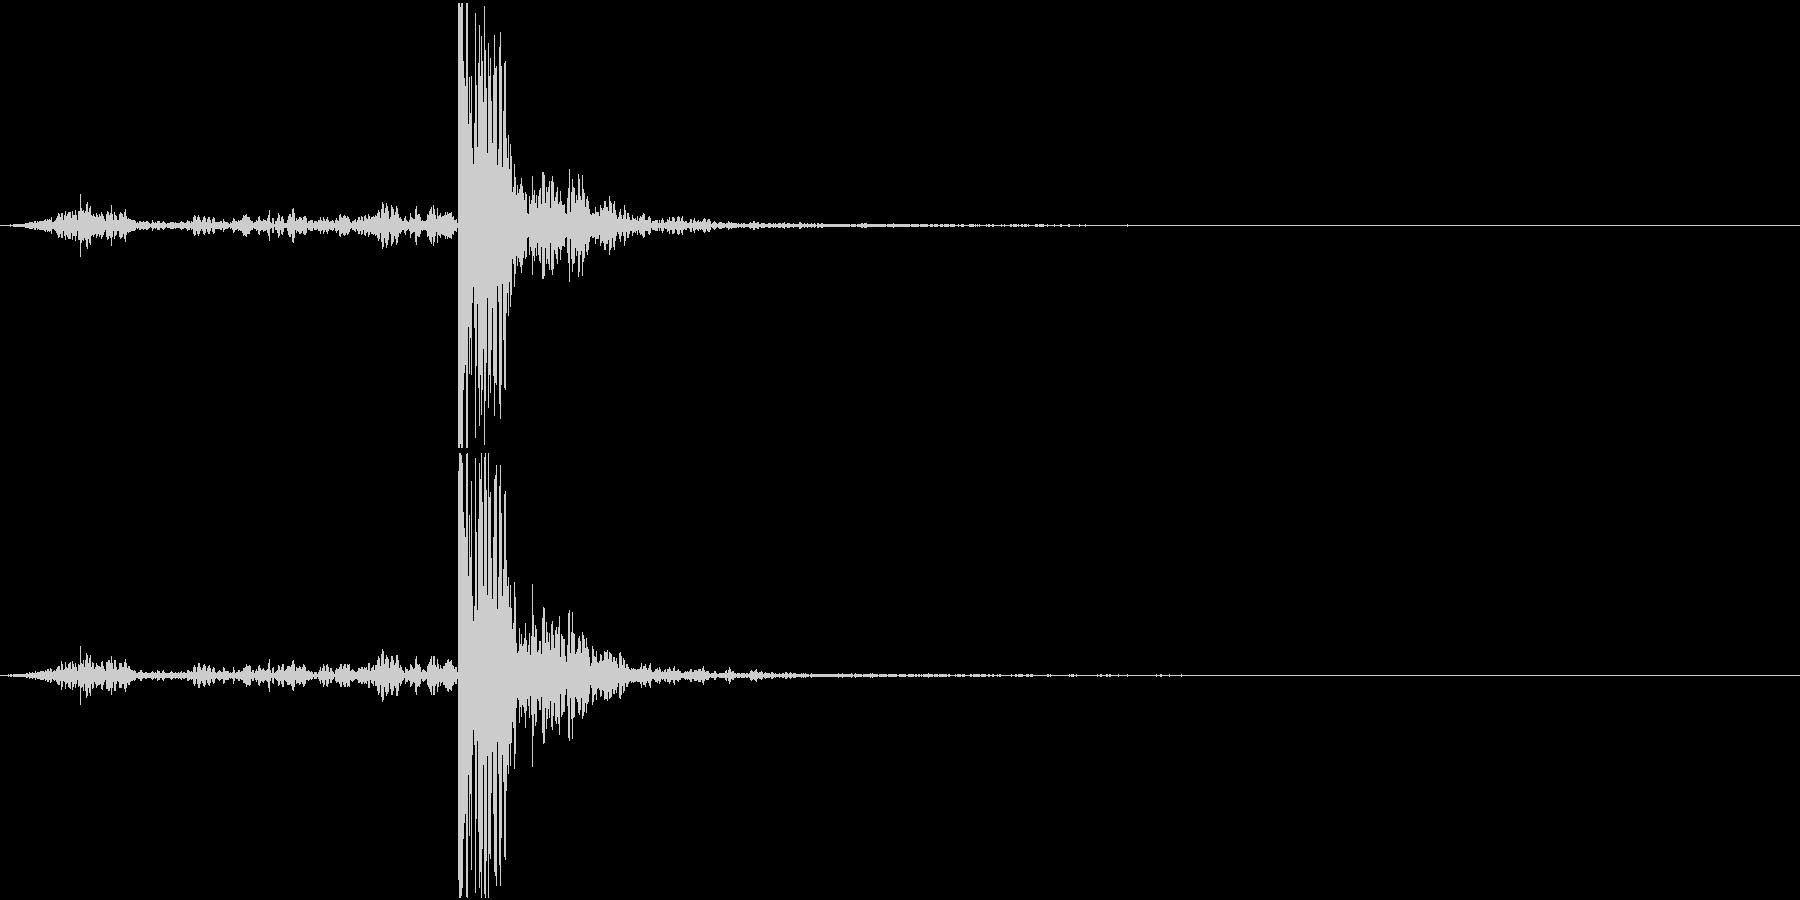 【生録音】回し蹴りをする音 再現音 の未再生の波形